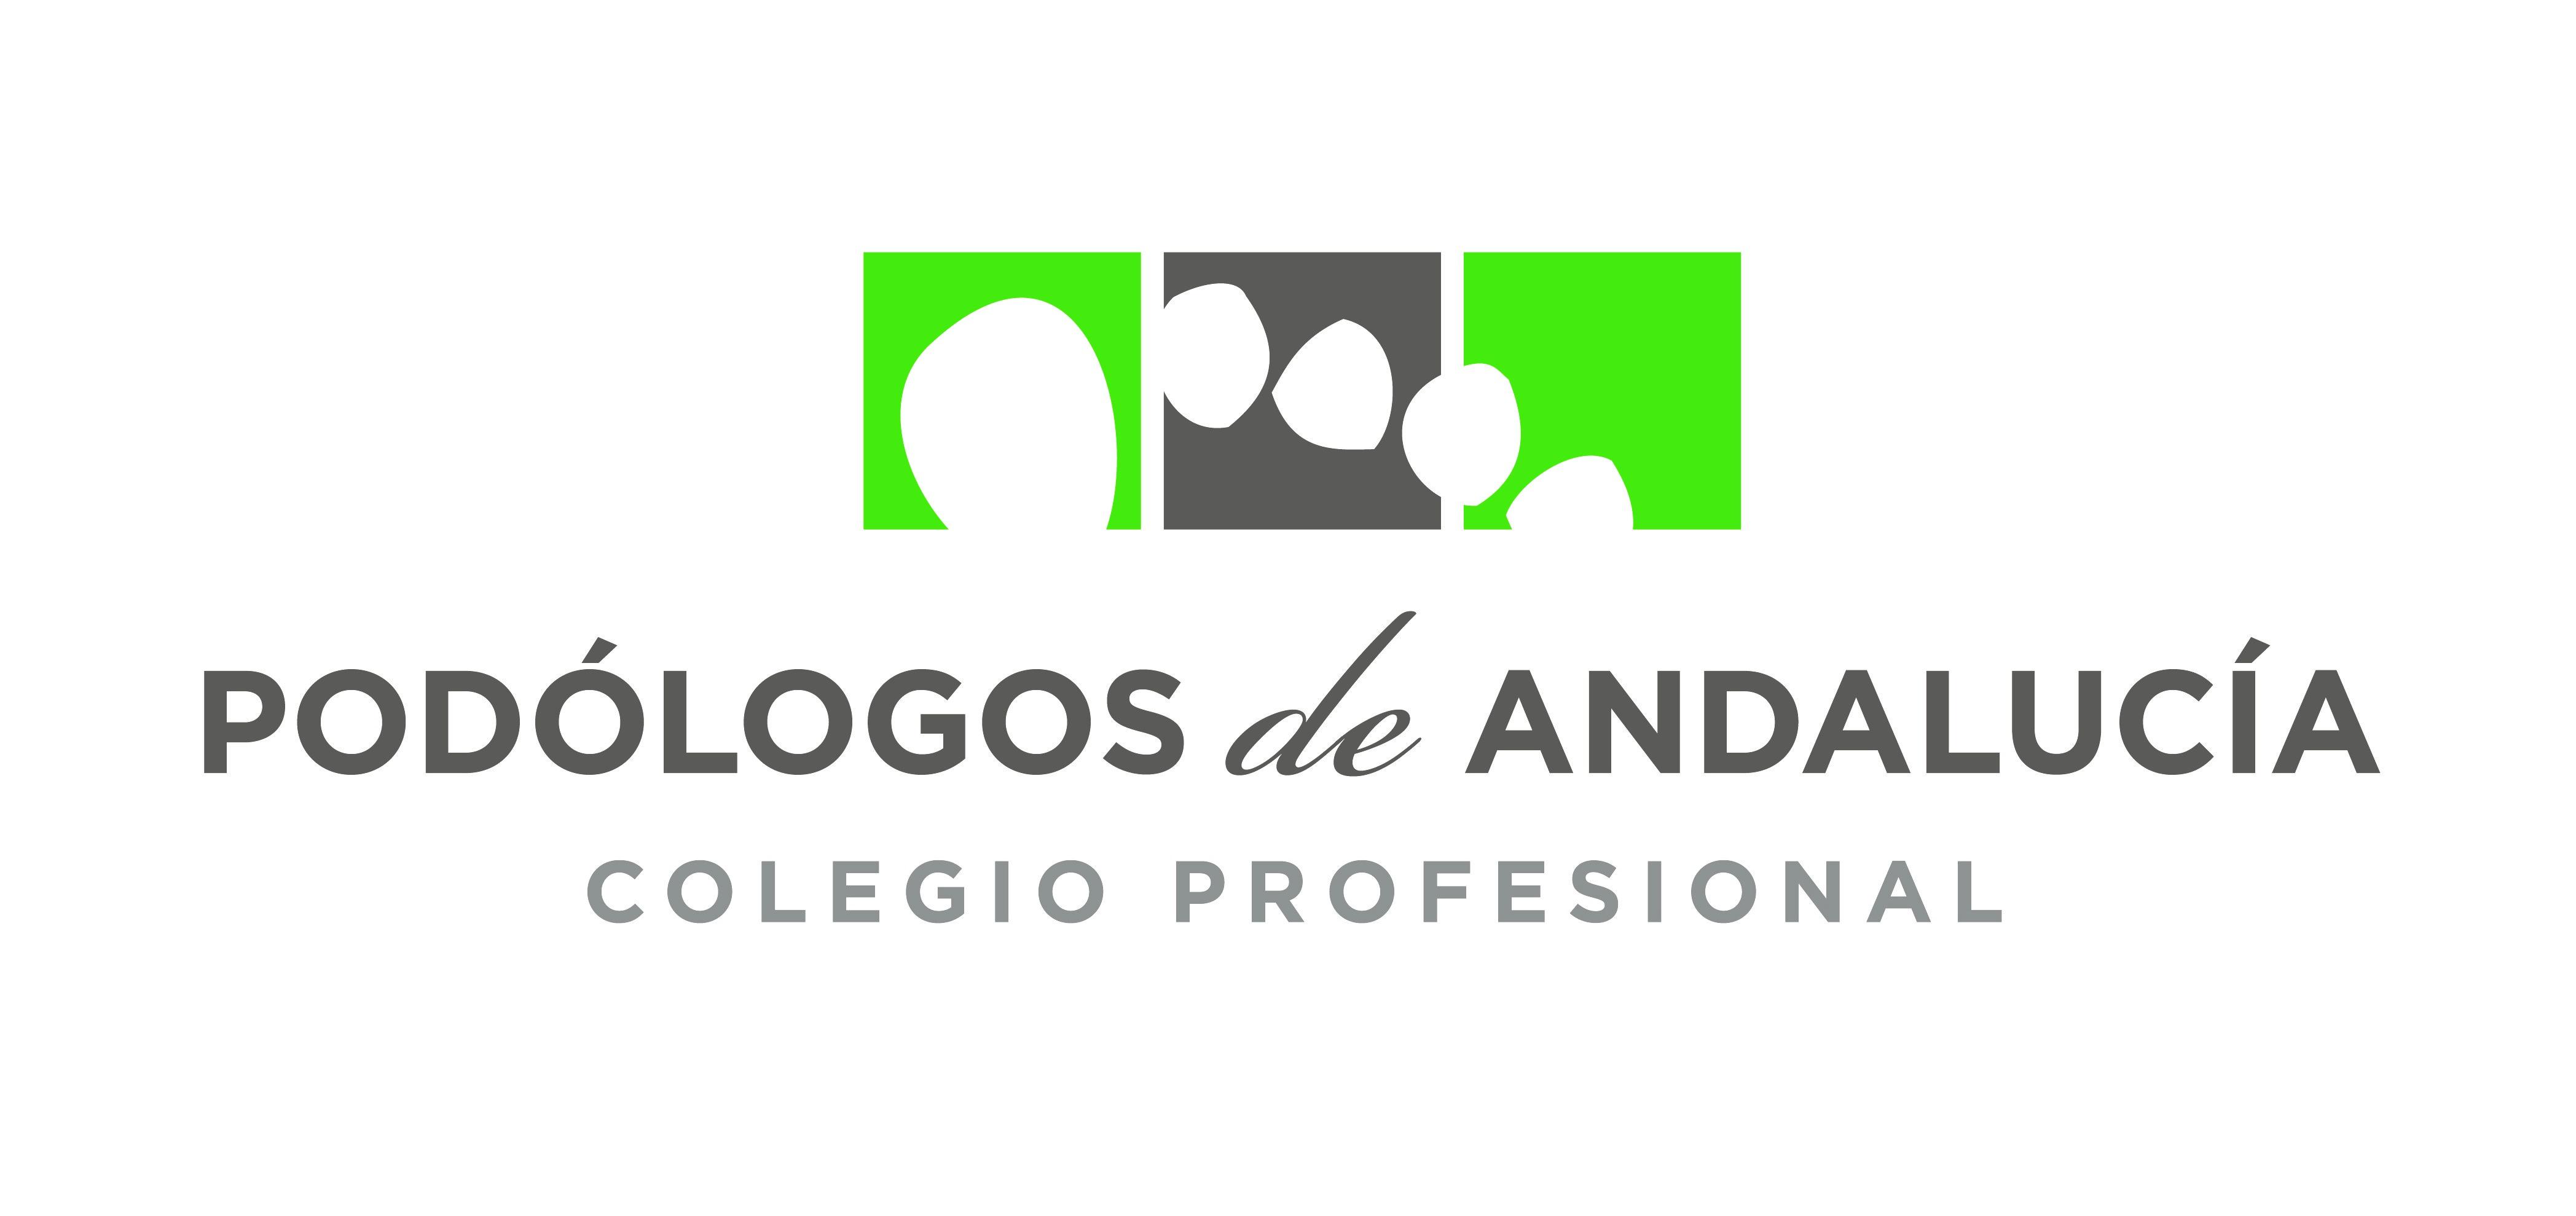 ROSARIO CORREA ASUME LA PRESIDENCIA DEL COLEGIO PROFESIONAL DE PODÓLOGOS DE ANDALUCÍA CON OLGA CABEZAS COMO VOCAL DE HUELVA